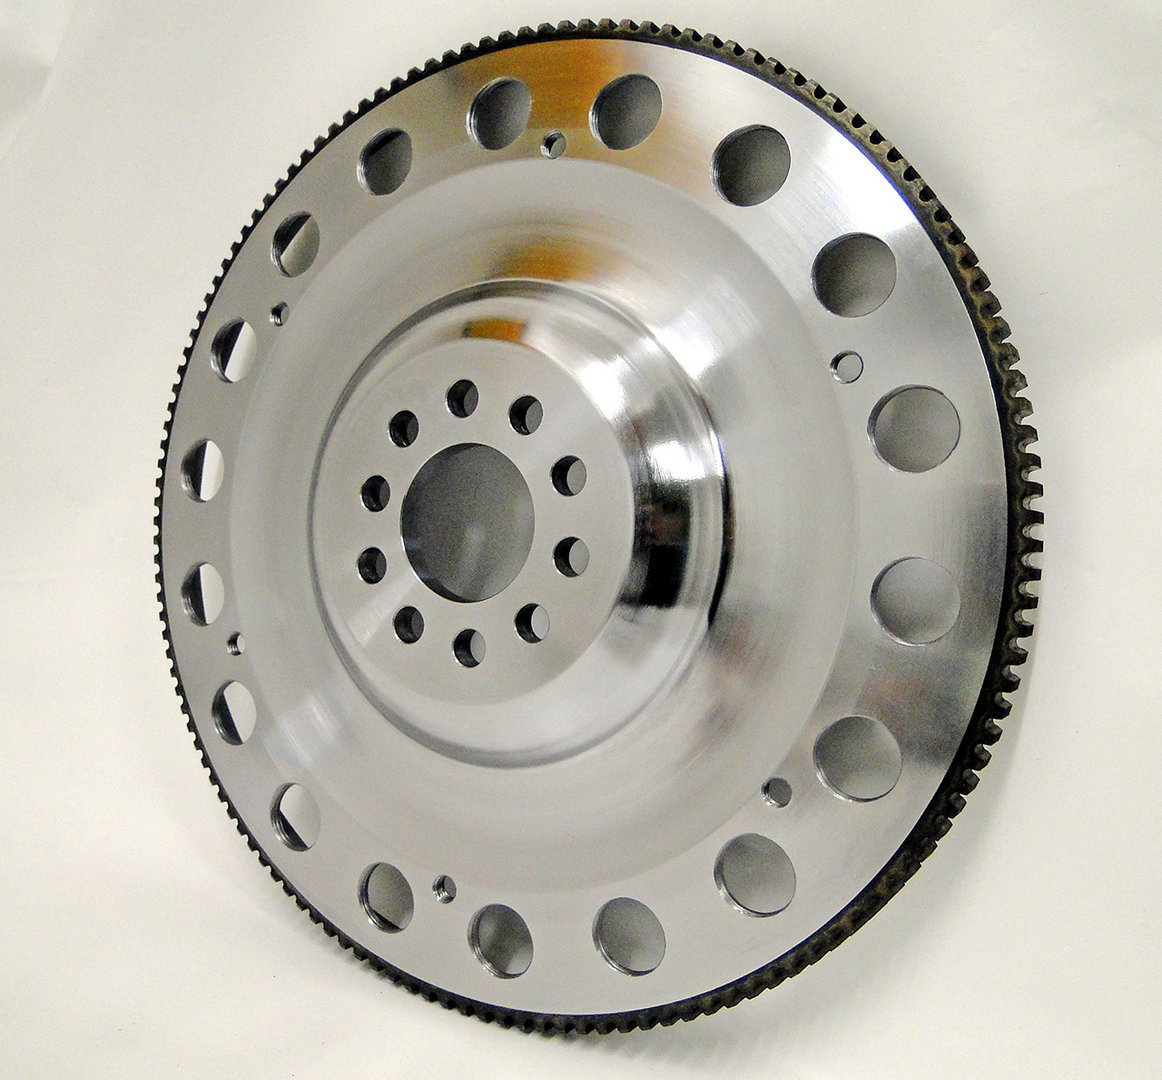 Vw Mk5 R32 Supercharger Kit: RCS200 Flywheel VR6 / R32 / V6 / 1.8t